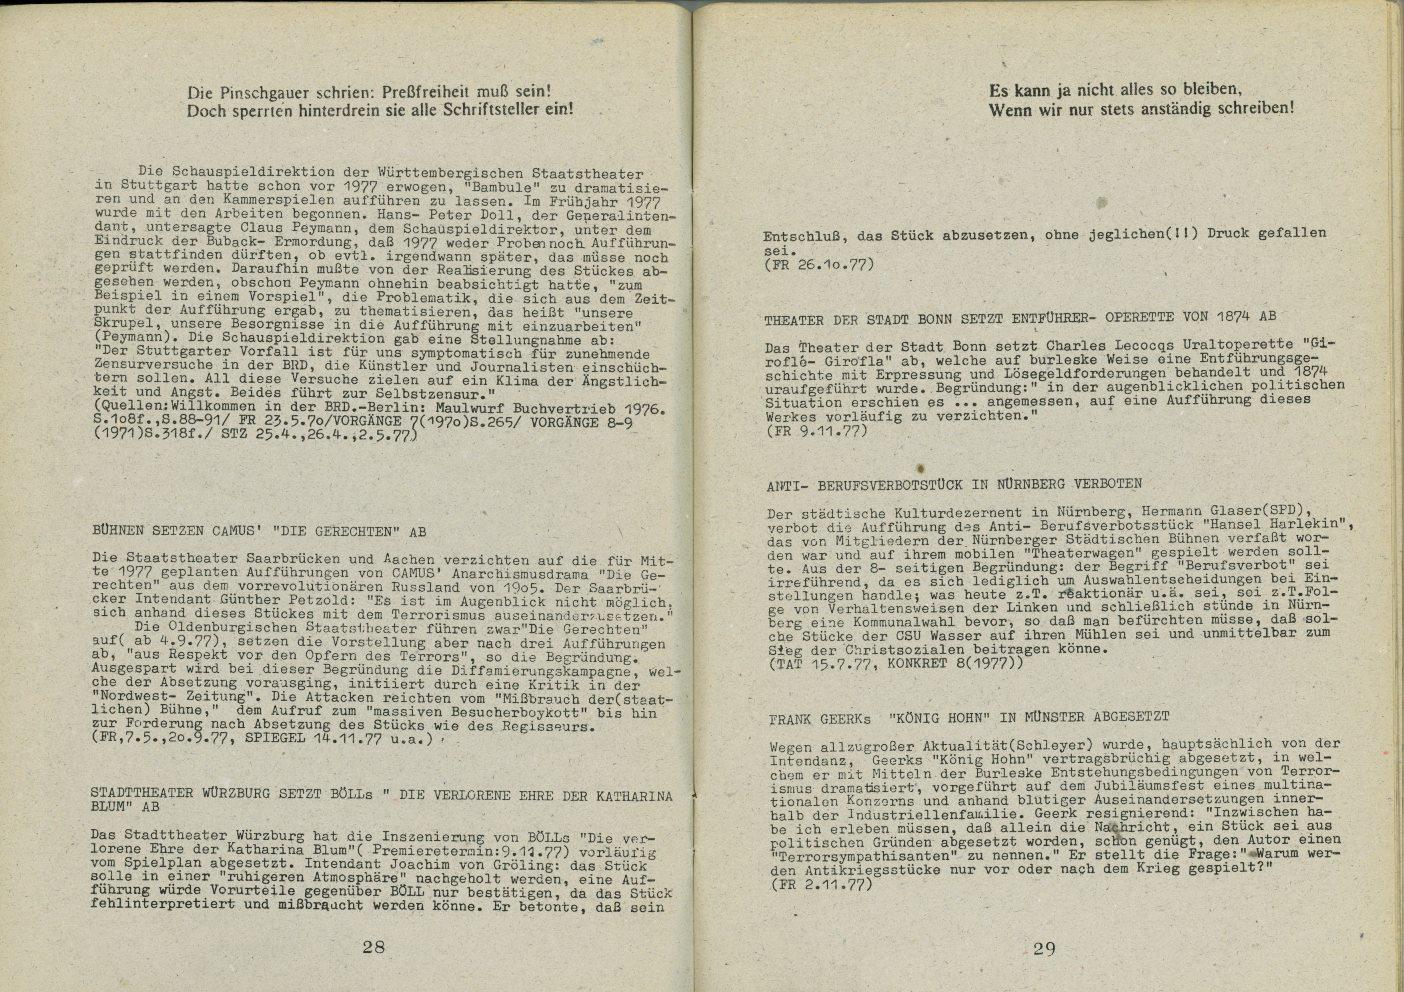 Stuttgart_AGRT_Menschenrechtsverletzungen_Leseheft_1978_16